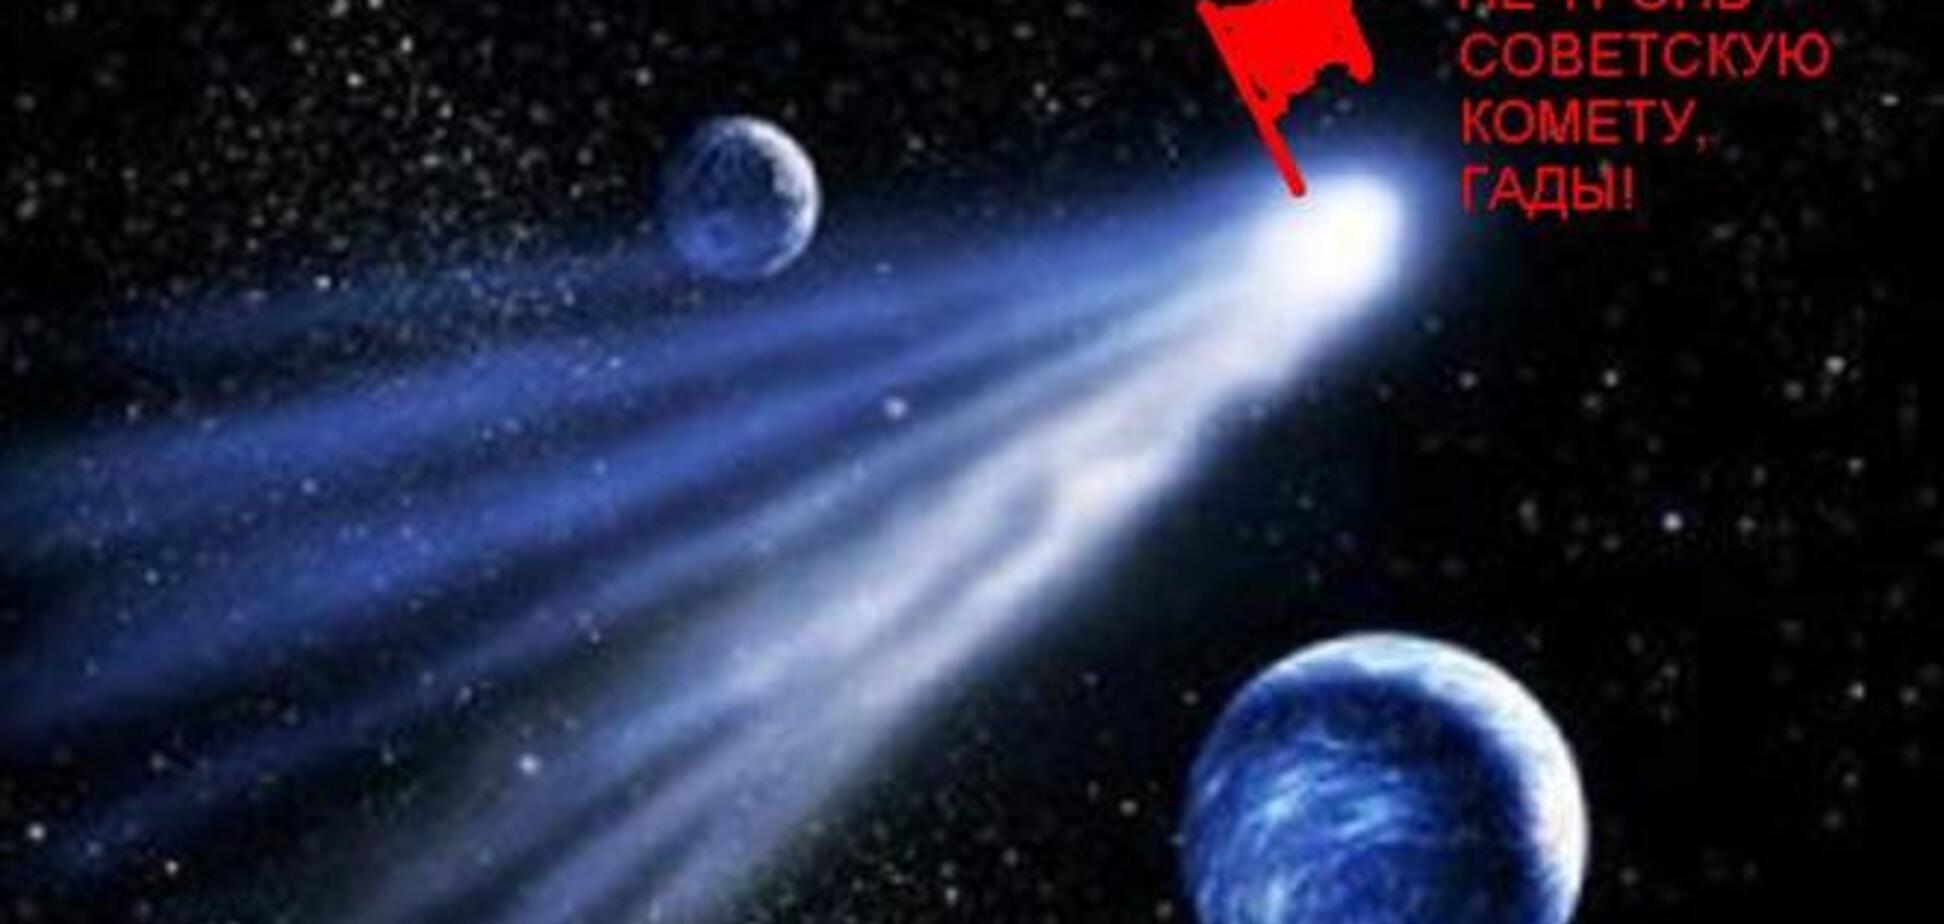 Коммунистов России оскорбил еврозонд 'Фила' на 'советской' комете